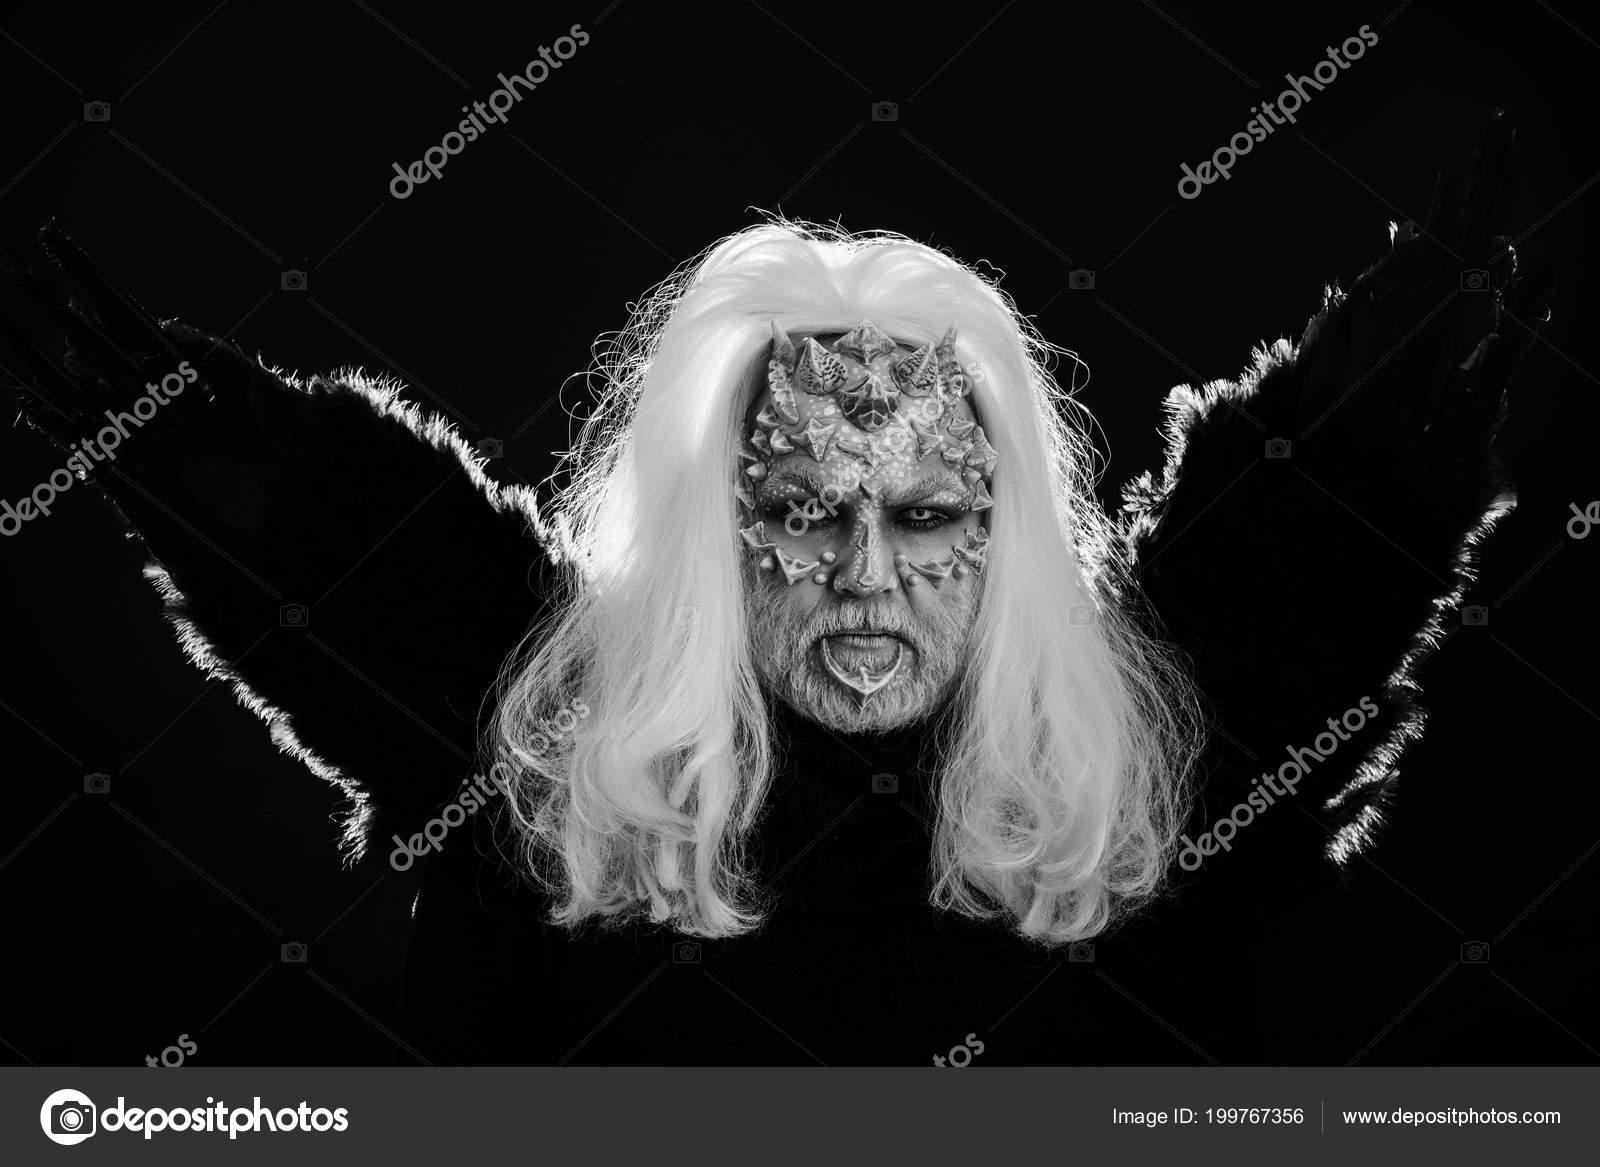 Μαύρες και λευκές λεσβίες φωτογραφίες